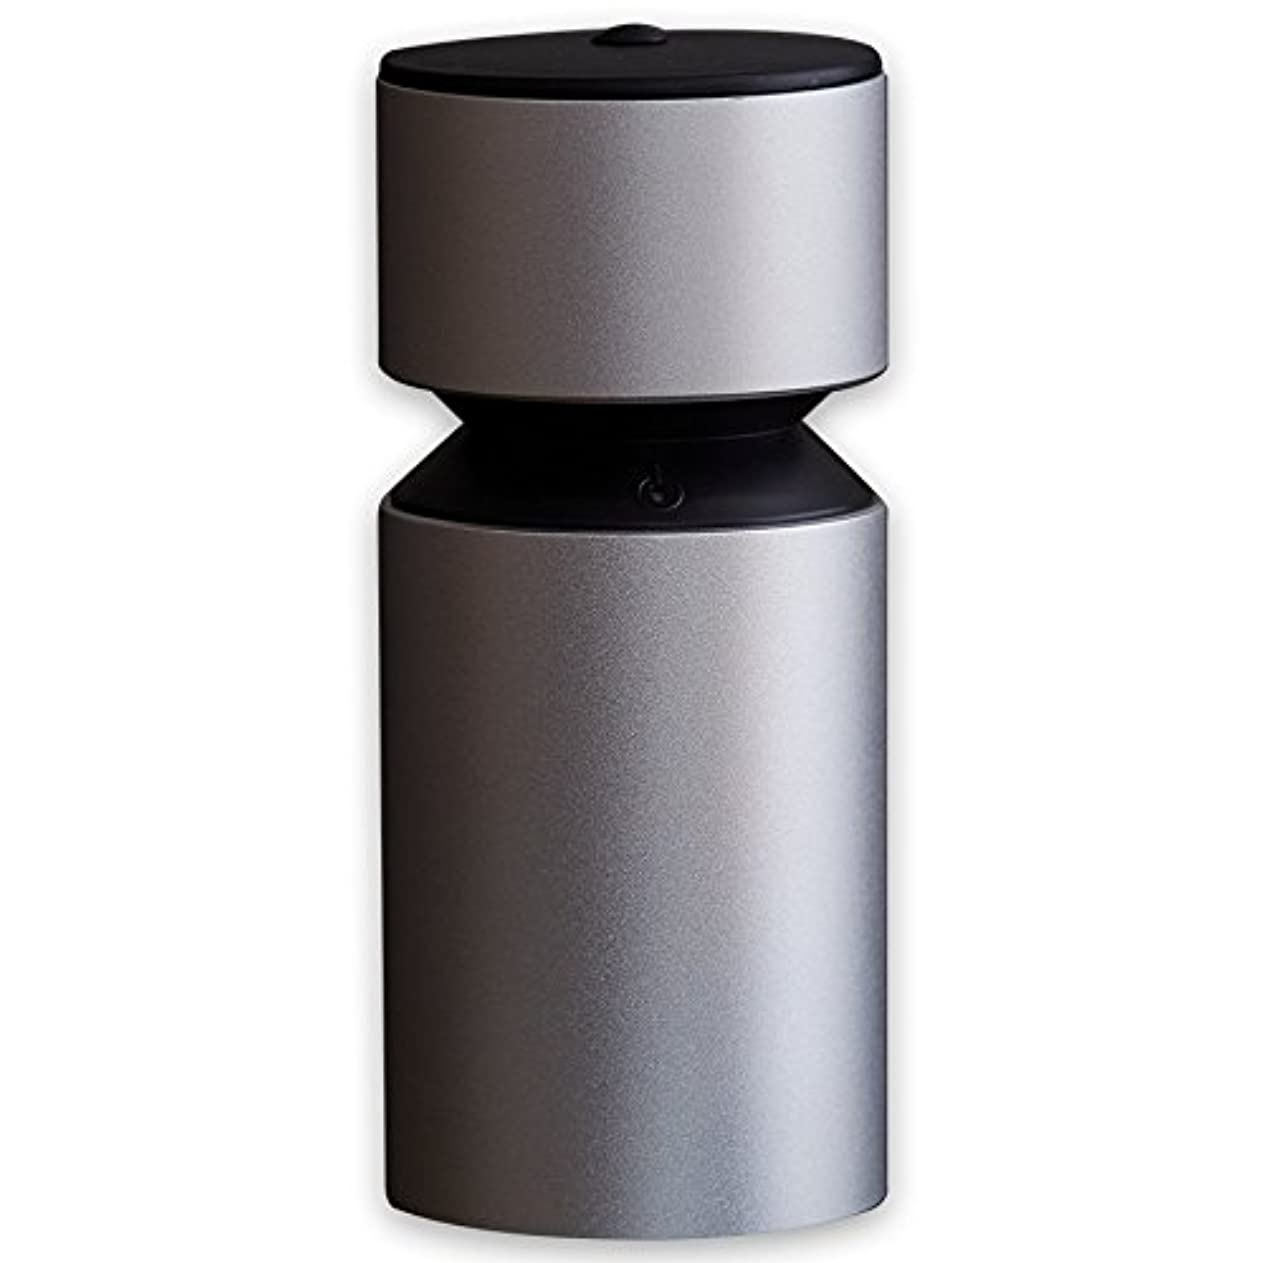 シャッター対抗癌アロマディフューザー UR-AROMA03 卓上 小型 加湿器 Uruon(ウルオン) オーガニックアロマオイル対応 天然アロマオイル AROMA ポータブル usb コンパクト 充電式 タンブラー 2way アロマドロップ方式